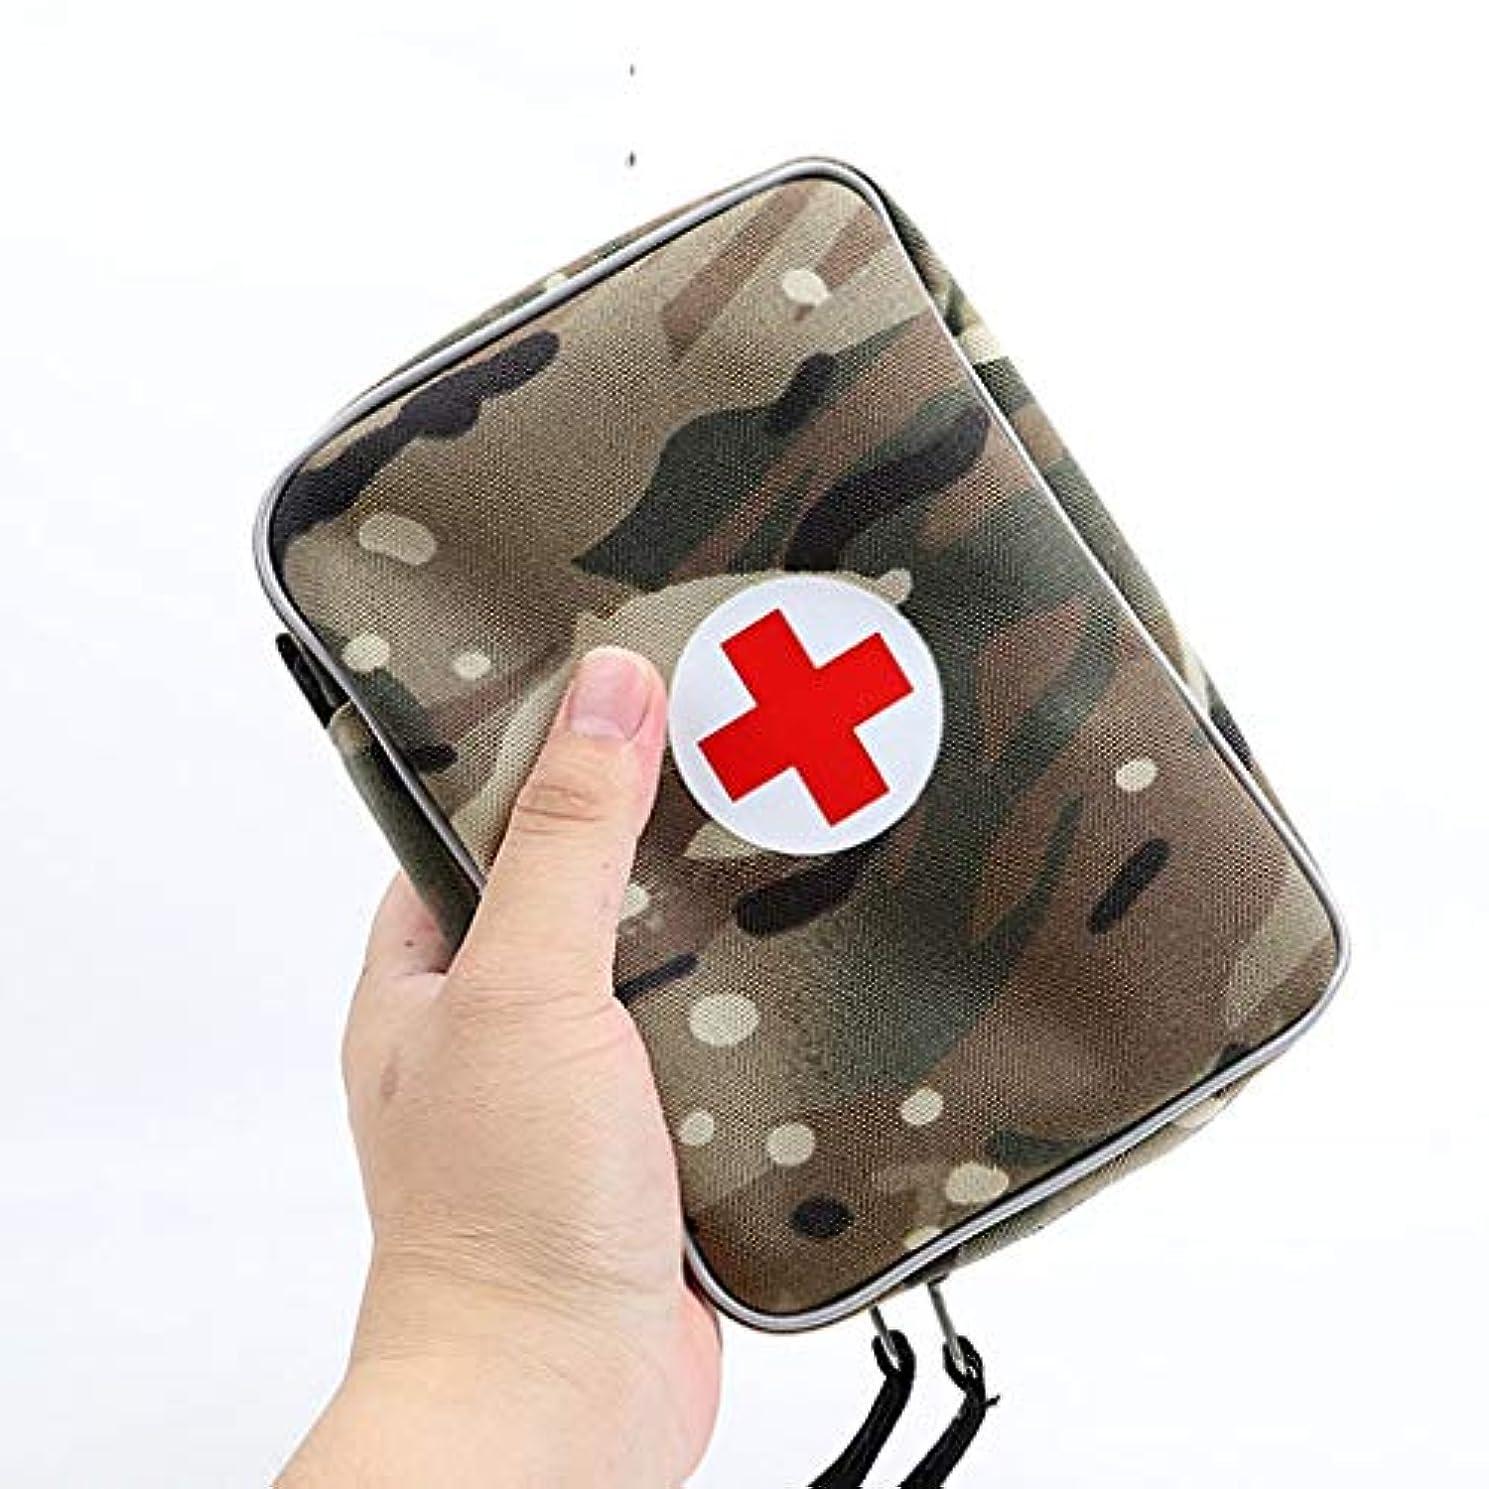 やむを得ない株式仮装YYFRB 屋外の応急処置キット、ポータブル緊急キット、防水救急箱 医学パッケージ